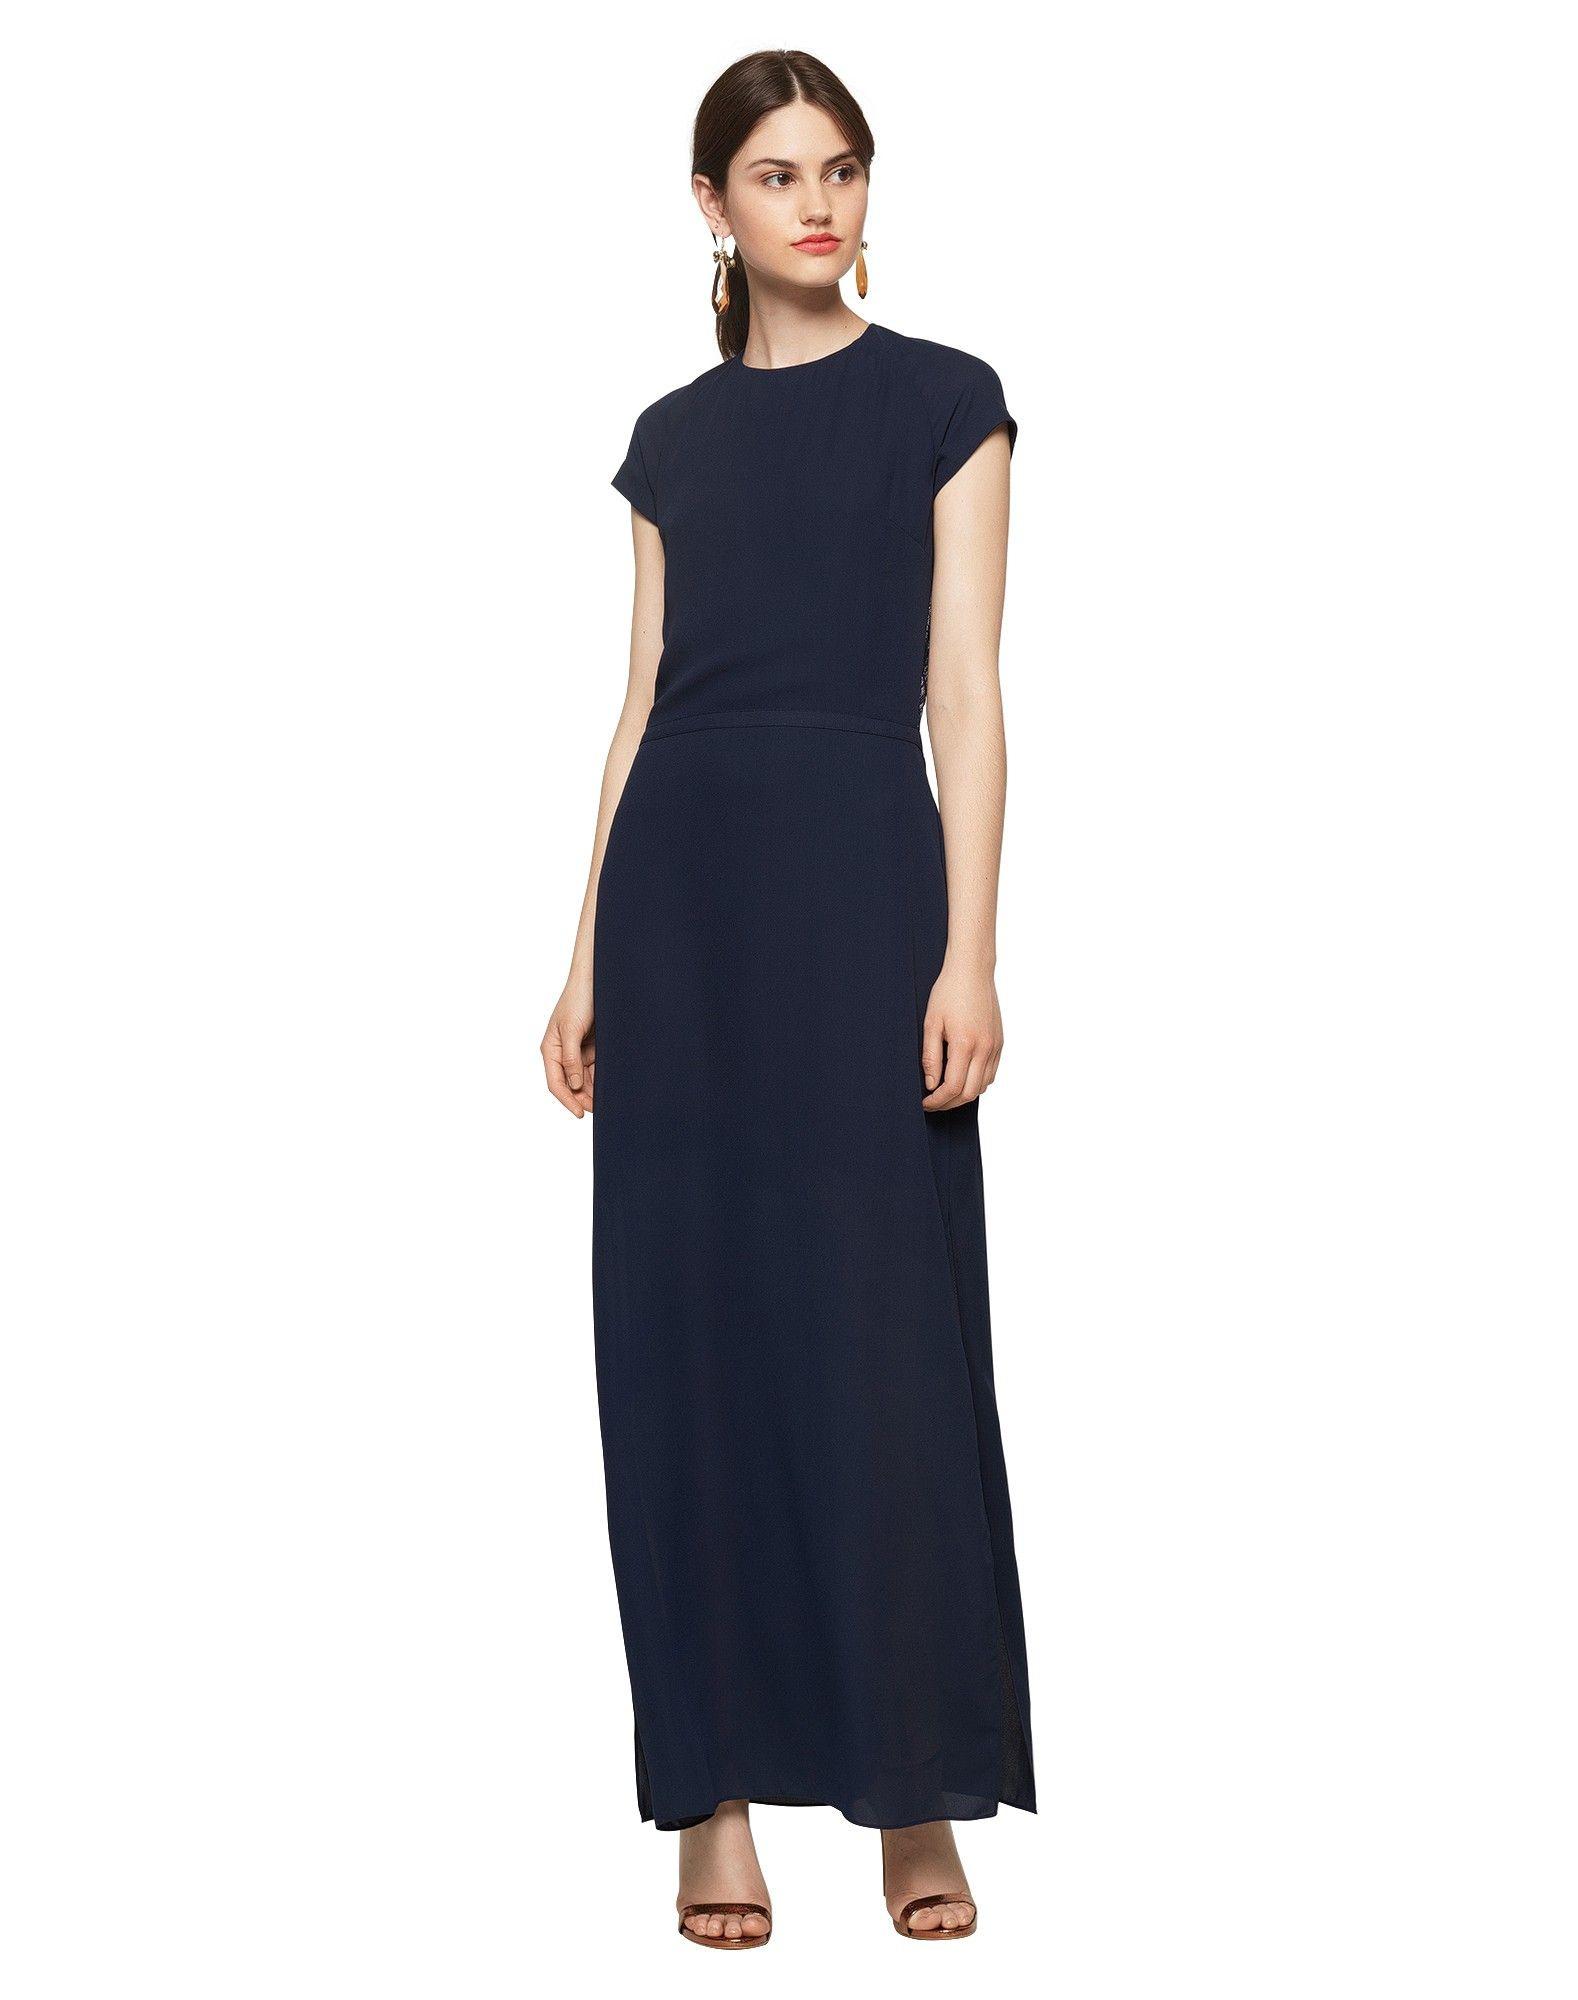 17 Schön About You Abendkleid Blau Stylish20 Luxus About You Abendkleid Blau Design